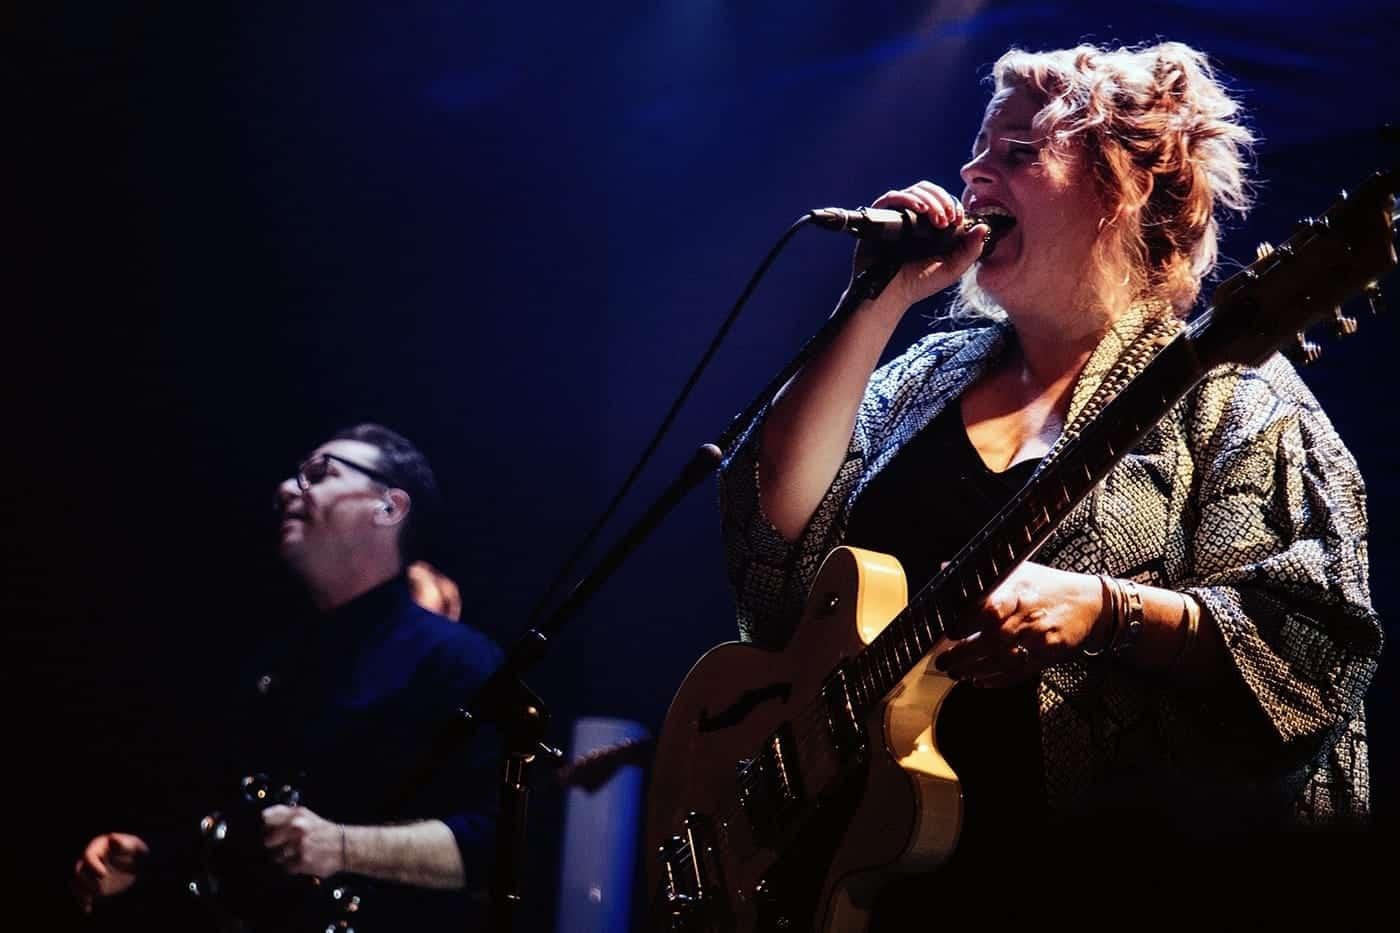 Stars Montreal singer